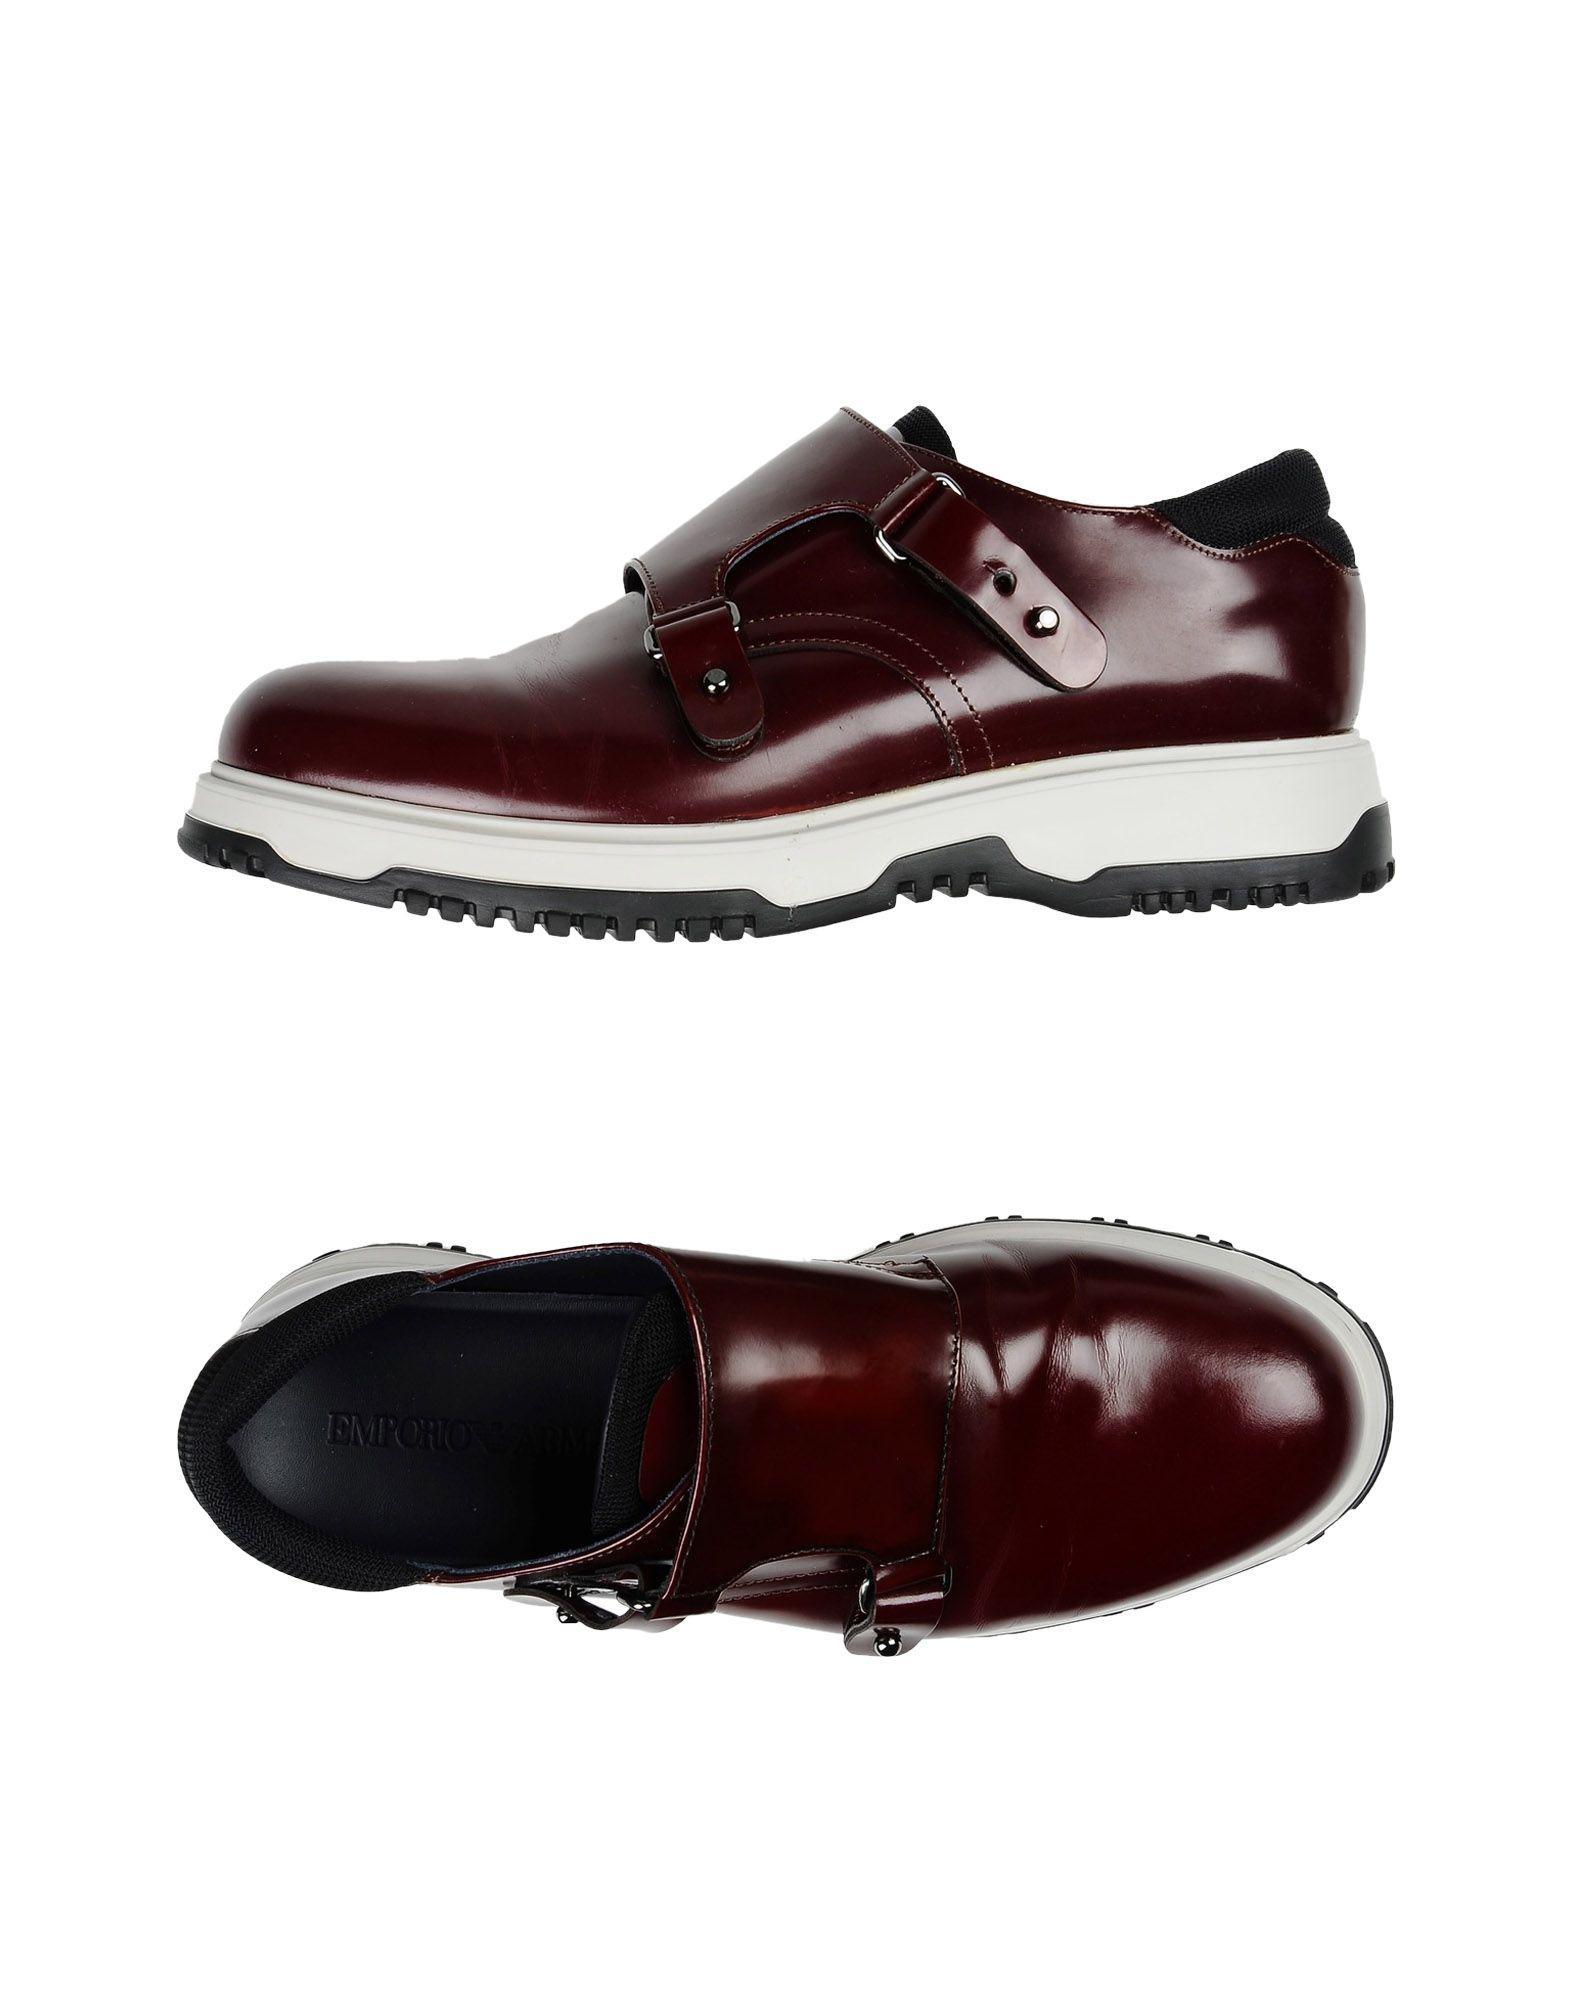 Armani Collezioni Sneakers In Rust